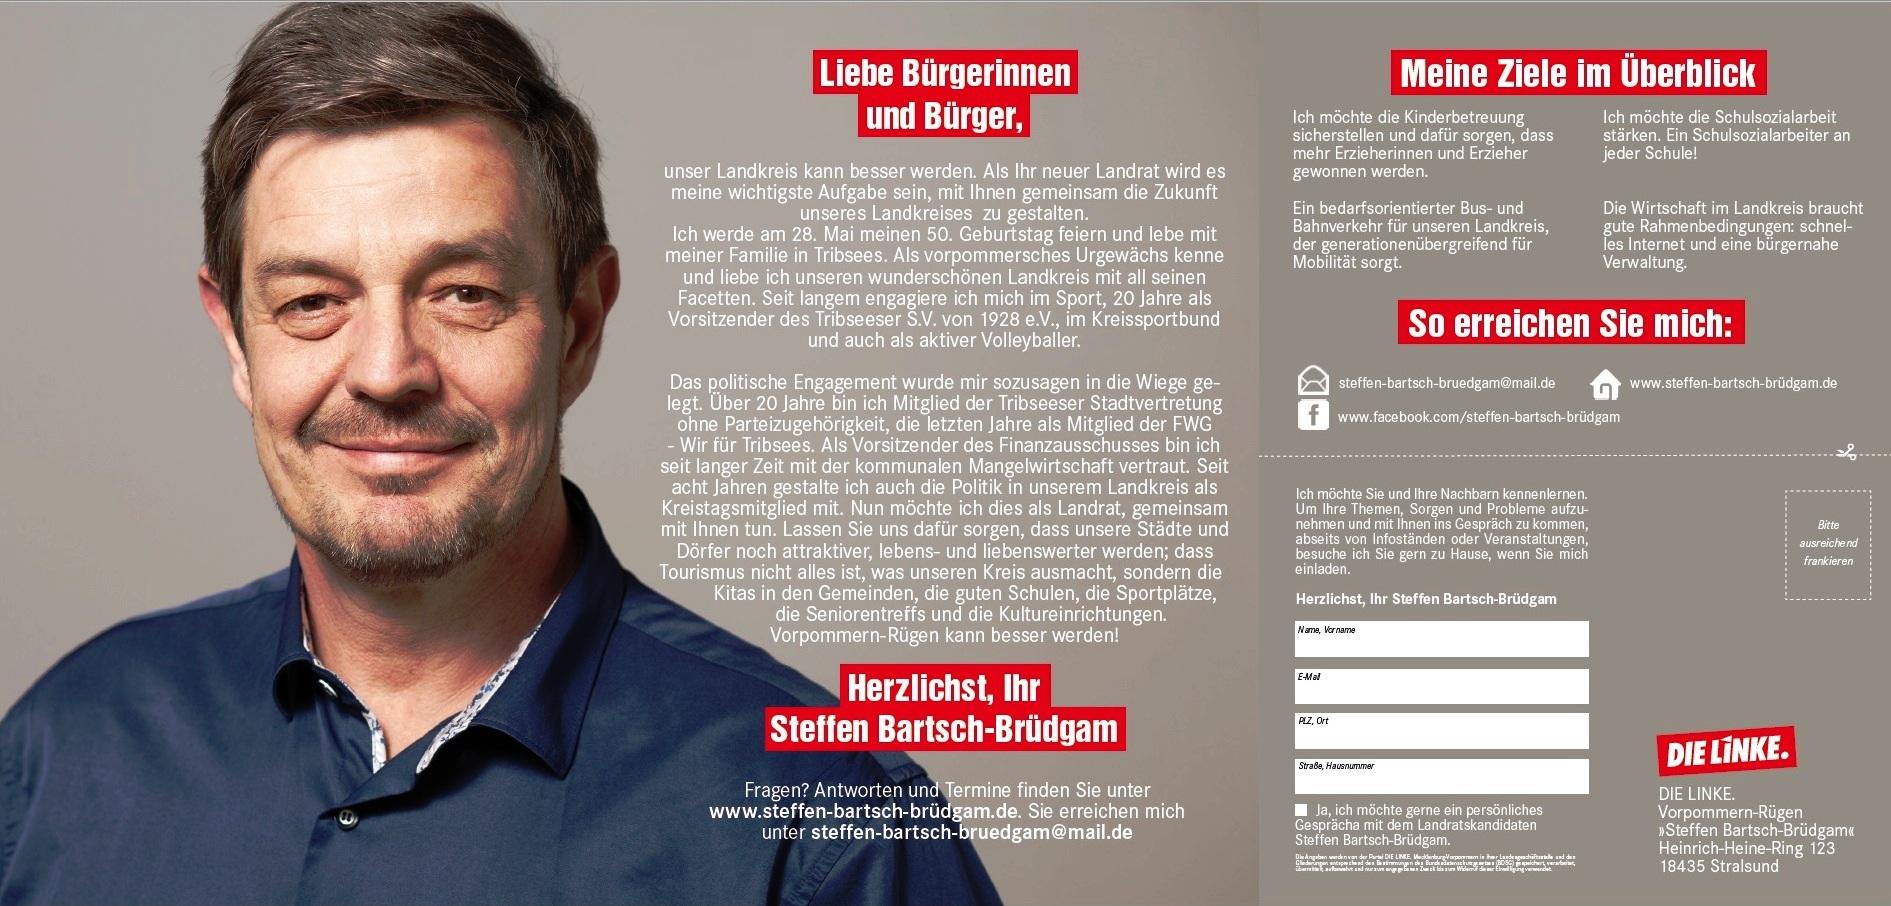 Steffen Bartsch-Brüdgam - unser Kandidat für die Landratswahlen in Vorpommern-Rügen am 27. Mai 2018